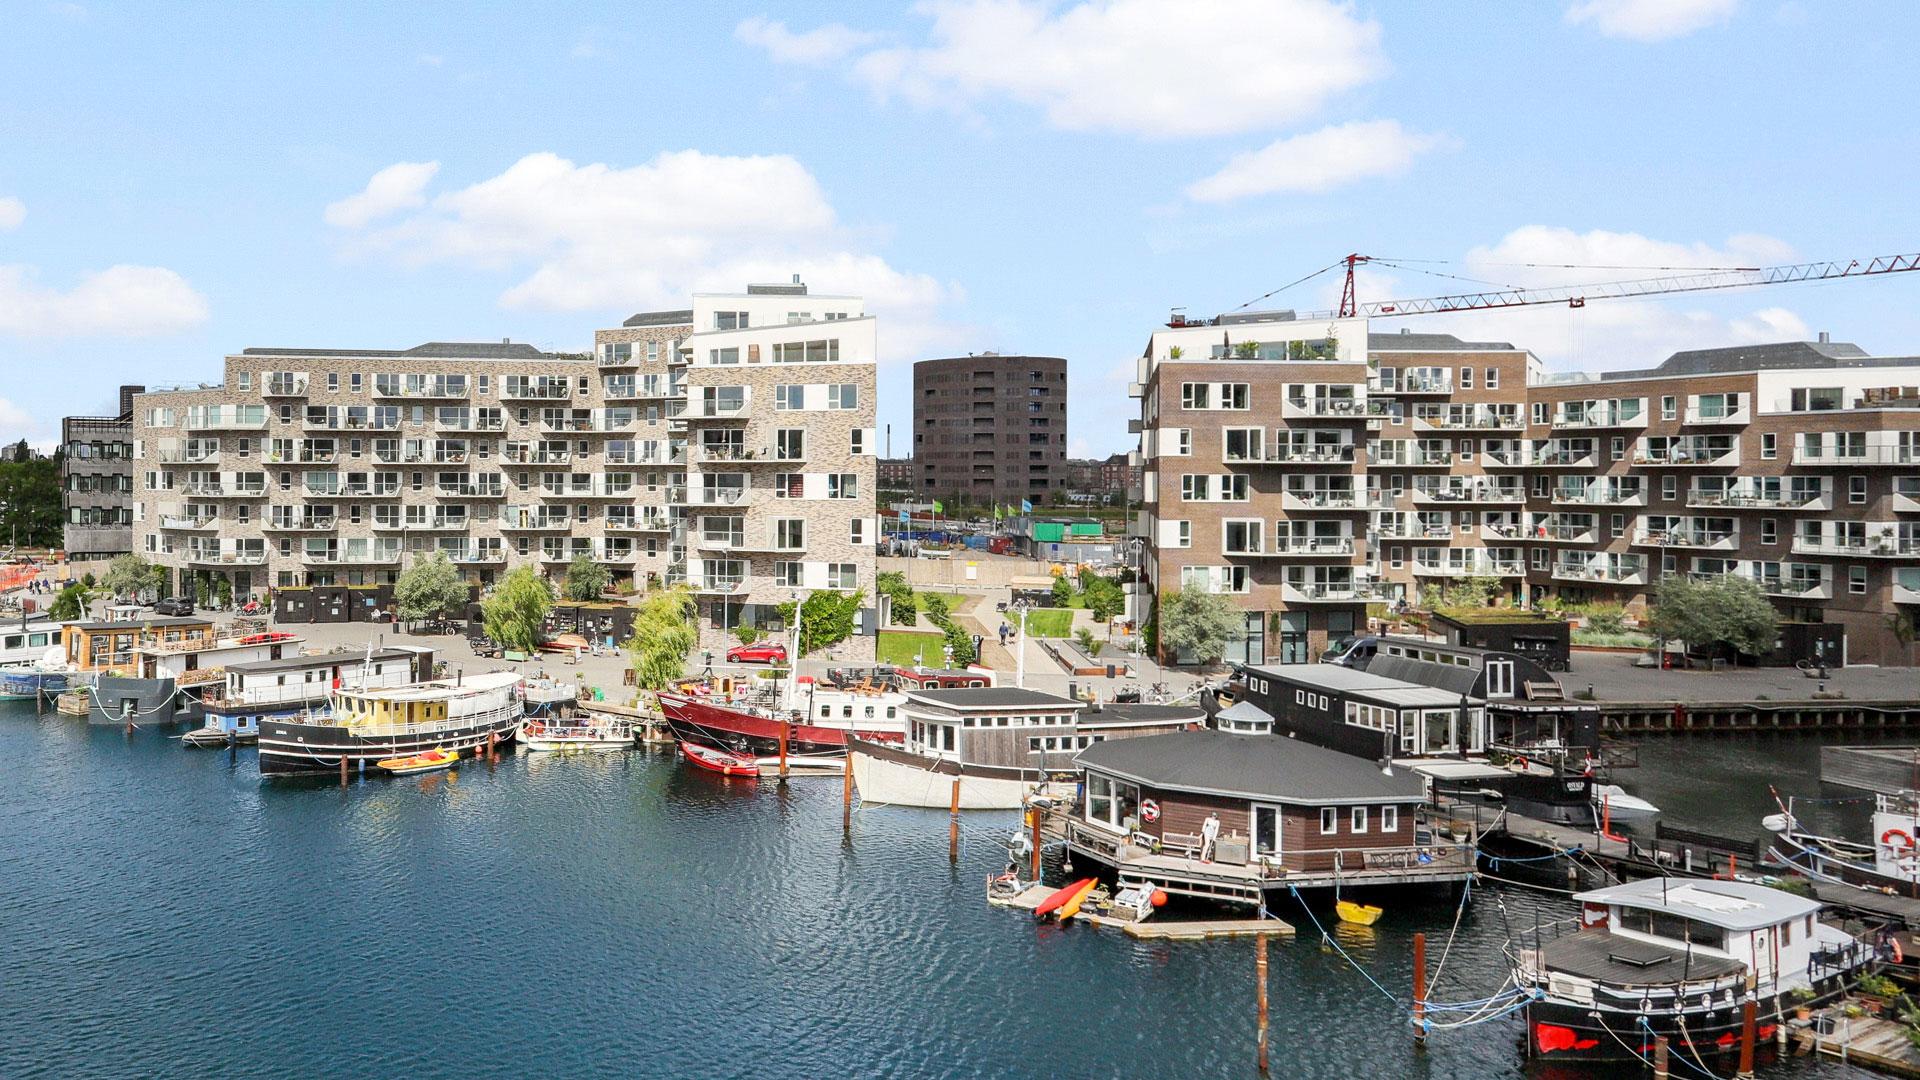 havnemiljoet-ved-nobelholmen